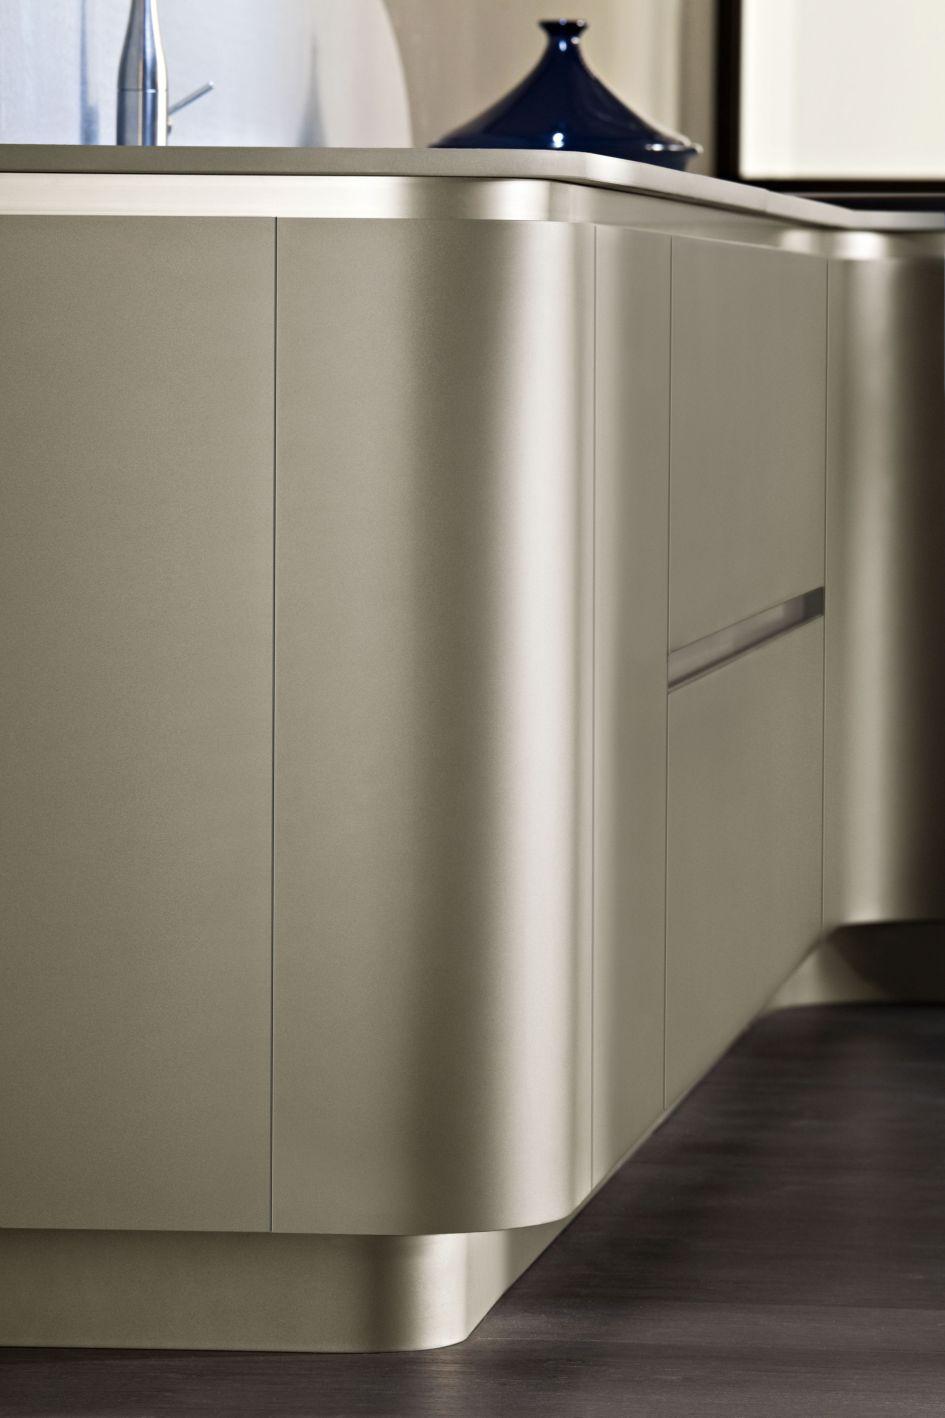 Snaidero OLA 20 11 - Luxe Interiors + Design